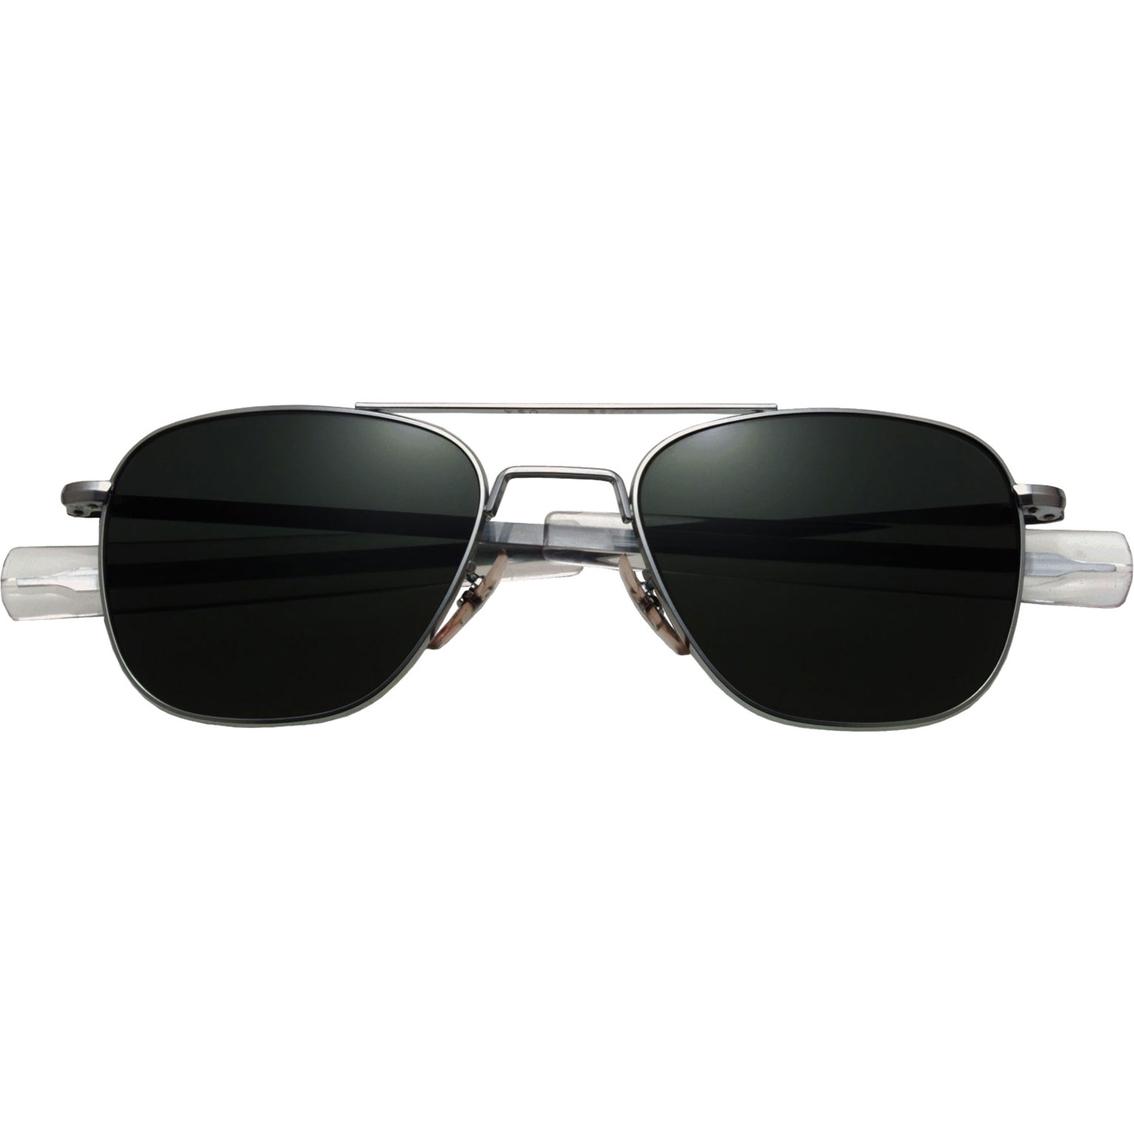 826b7f2ad2 Ao Eyewear Original Pilot